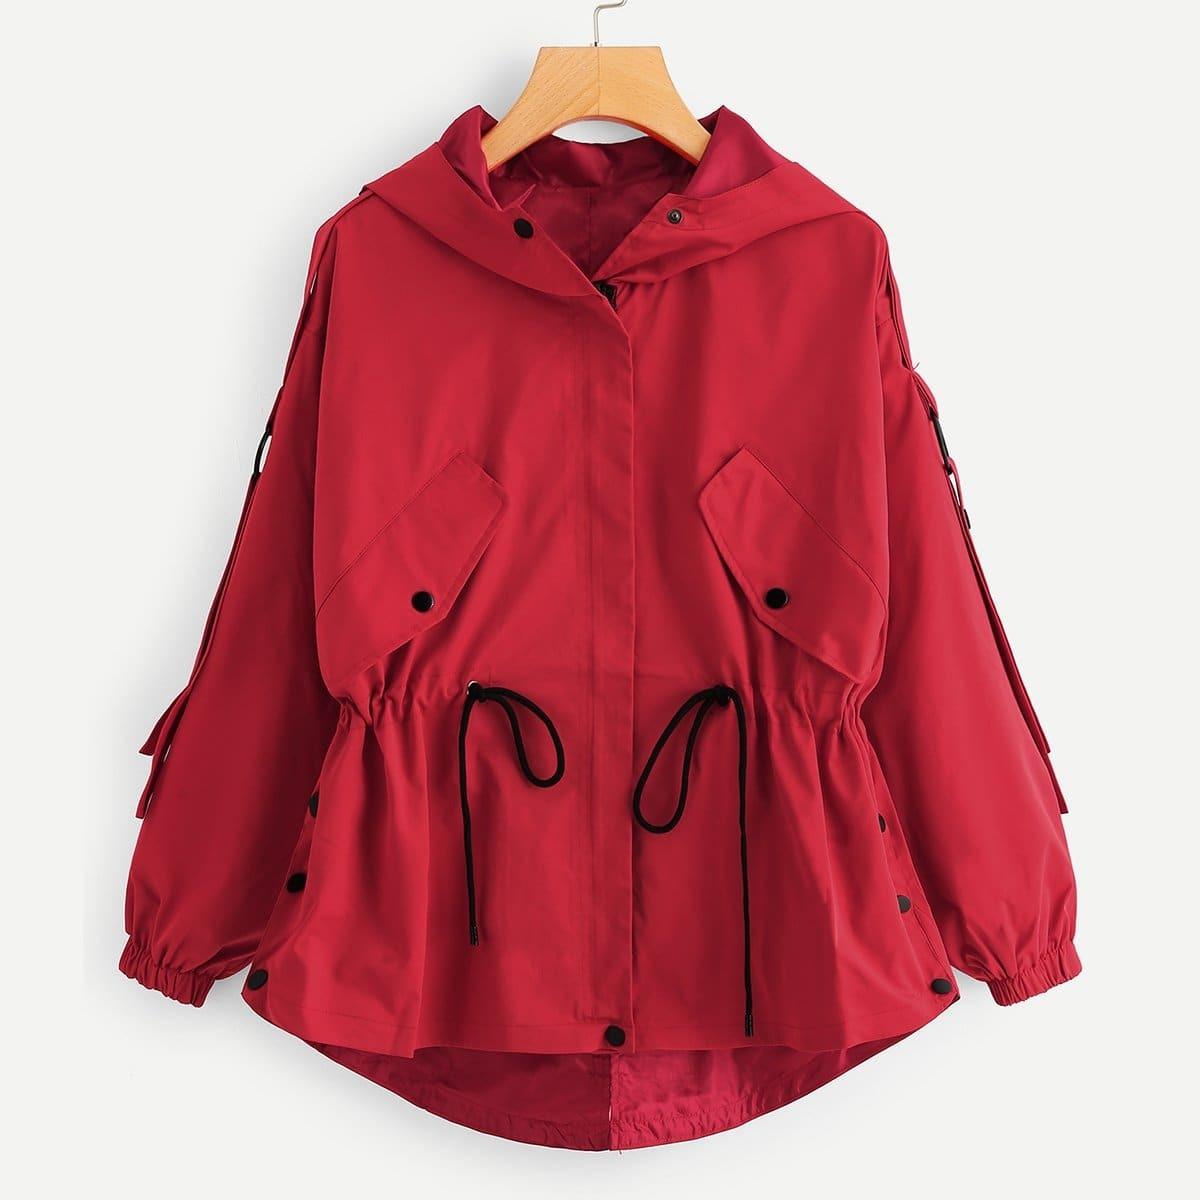 Bovenkleding jas met kap en taille met trekkoordjes